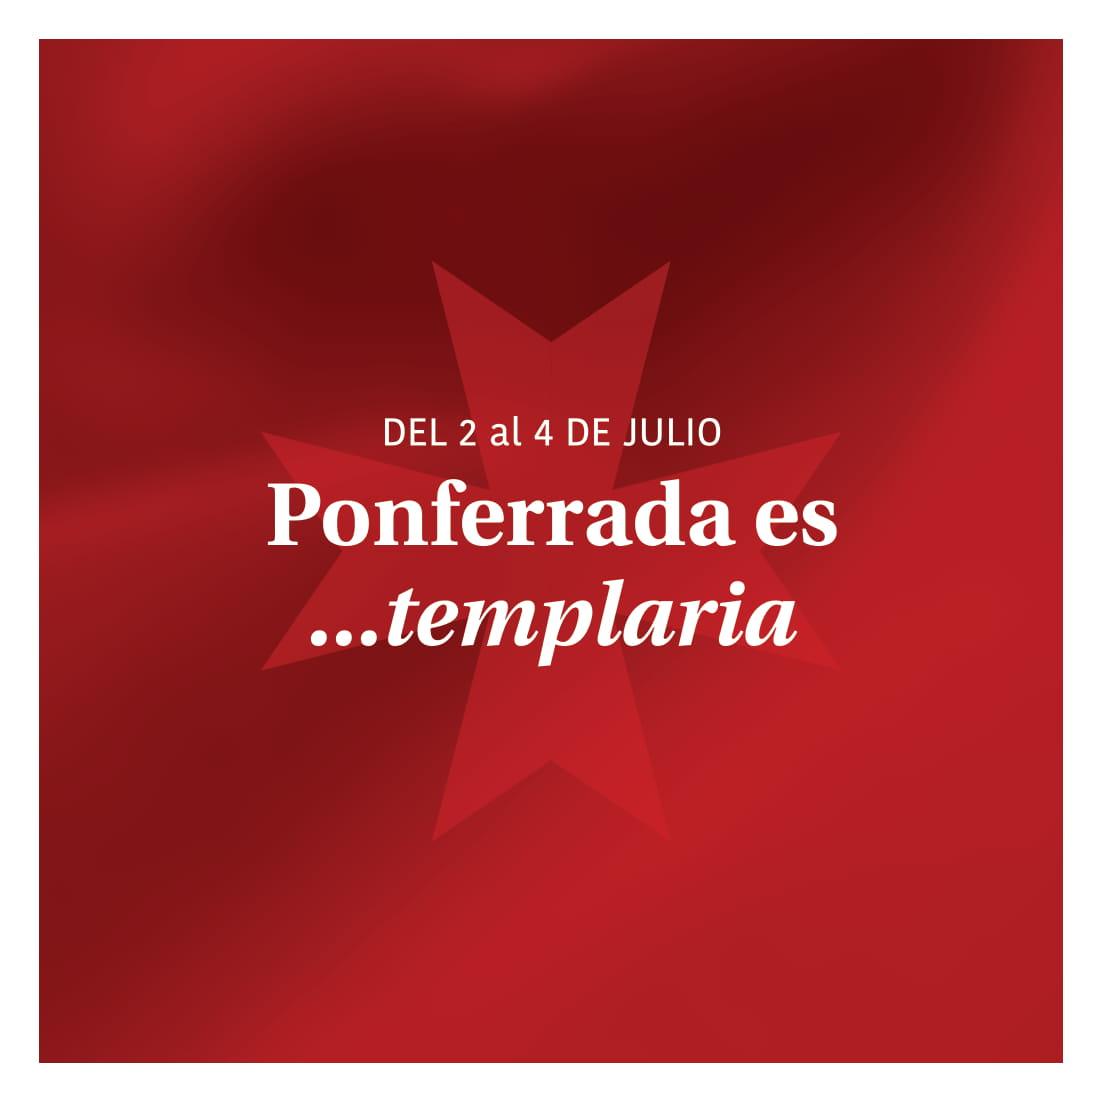 Ponferrada será... música, cultura, monumentos, turismo y más durante el verano de 2021 4